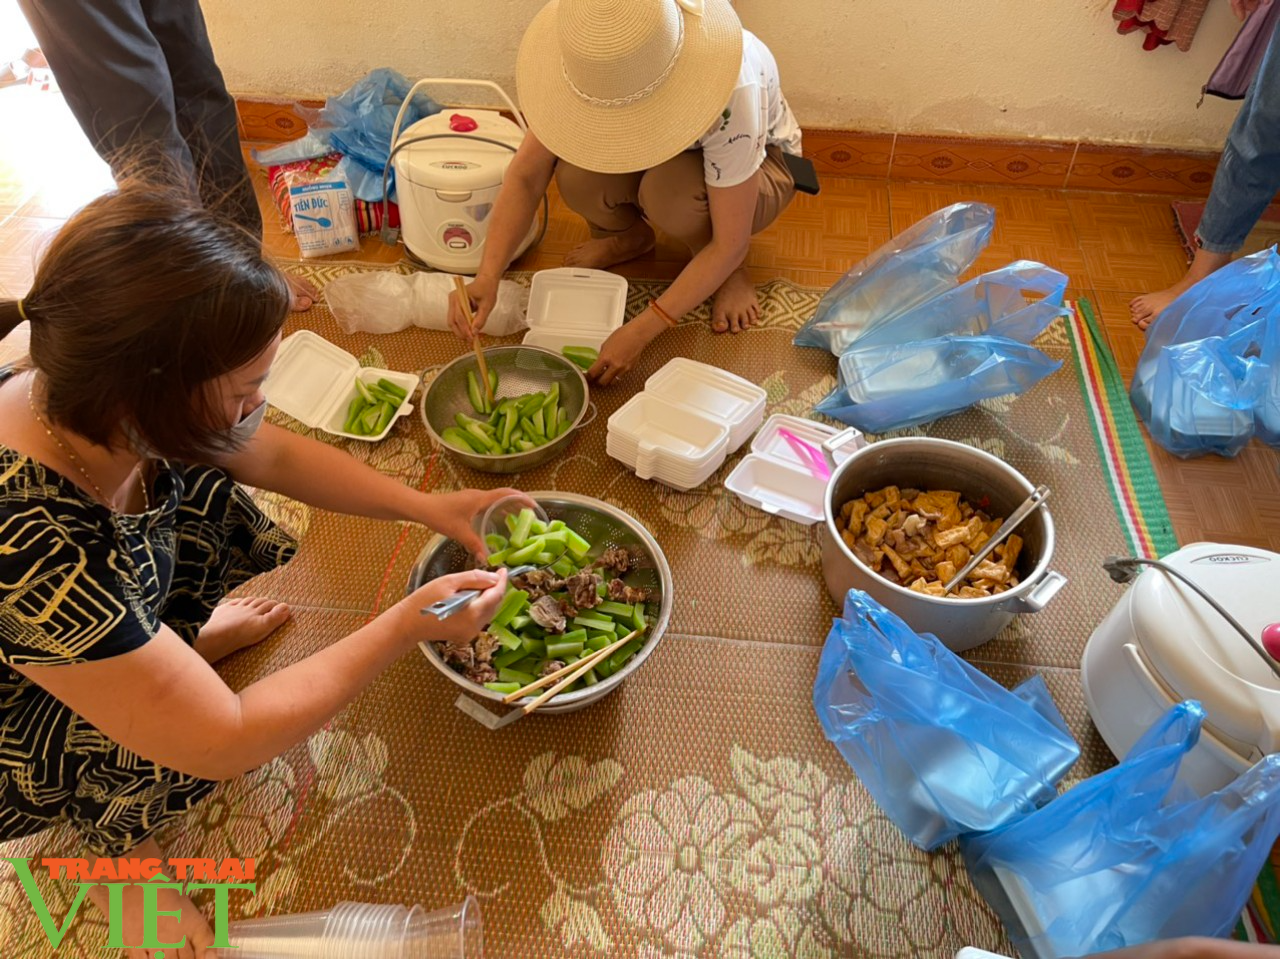 Sơn La: Xúc động trước cảnh người dân nấu cơm và lên rừng lấy cỏ, chặt chuối cho các gia đình bị cách ly  - Ảnh 4.